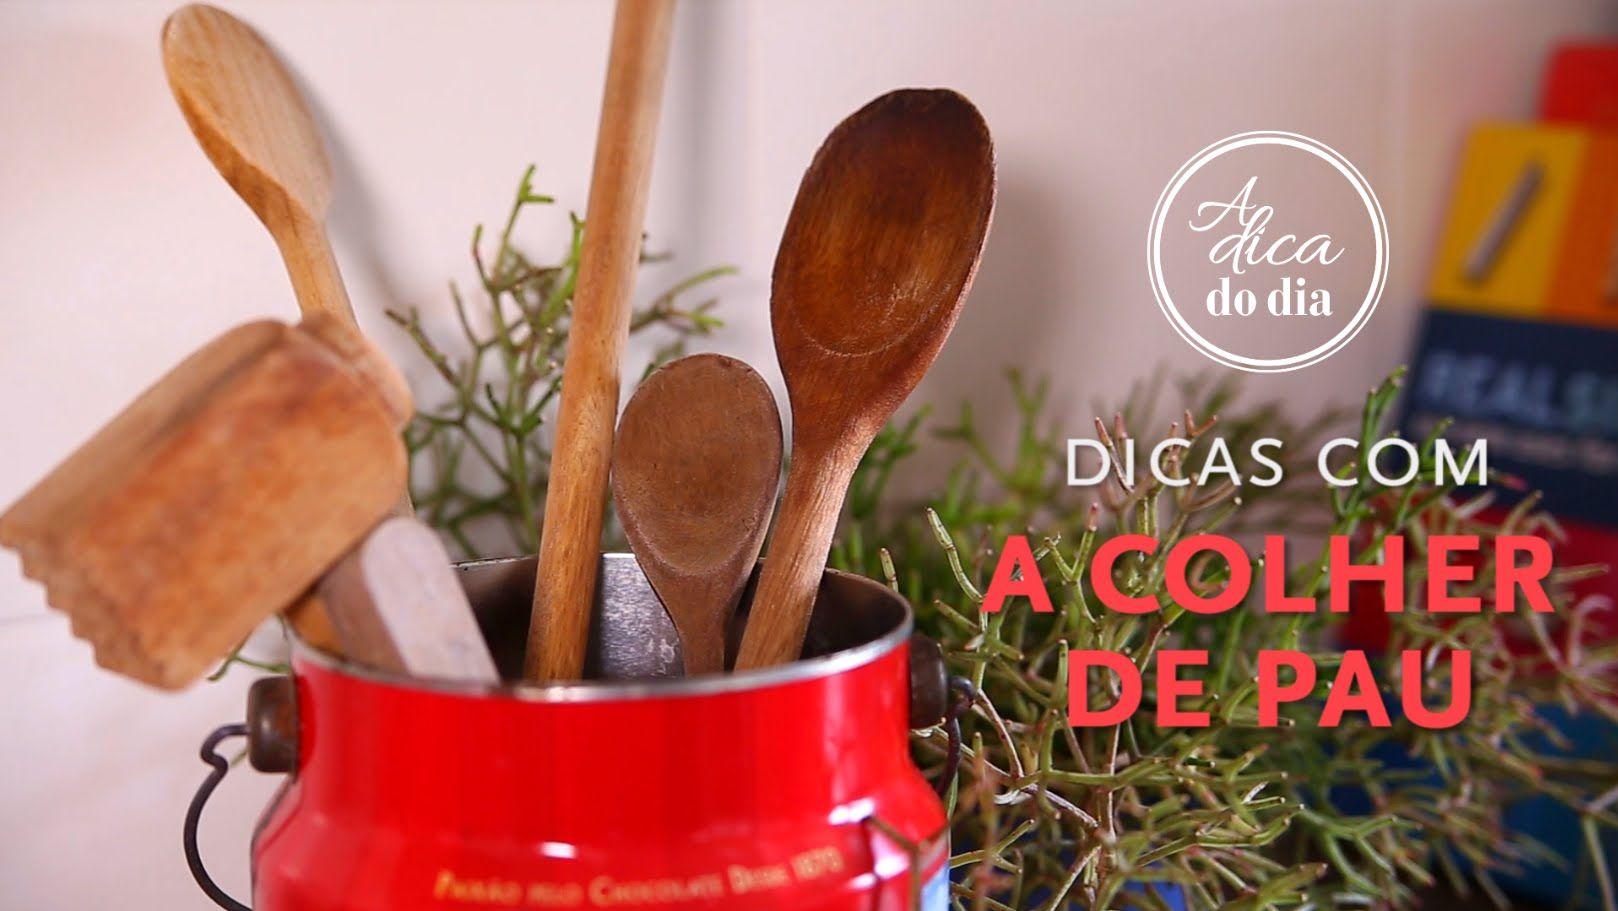 DICAS COM COLHER DE PAU - A Dica do Dia